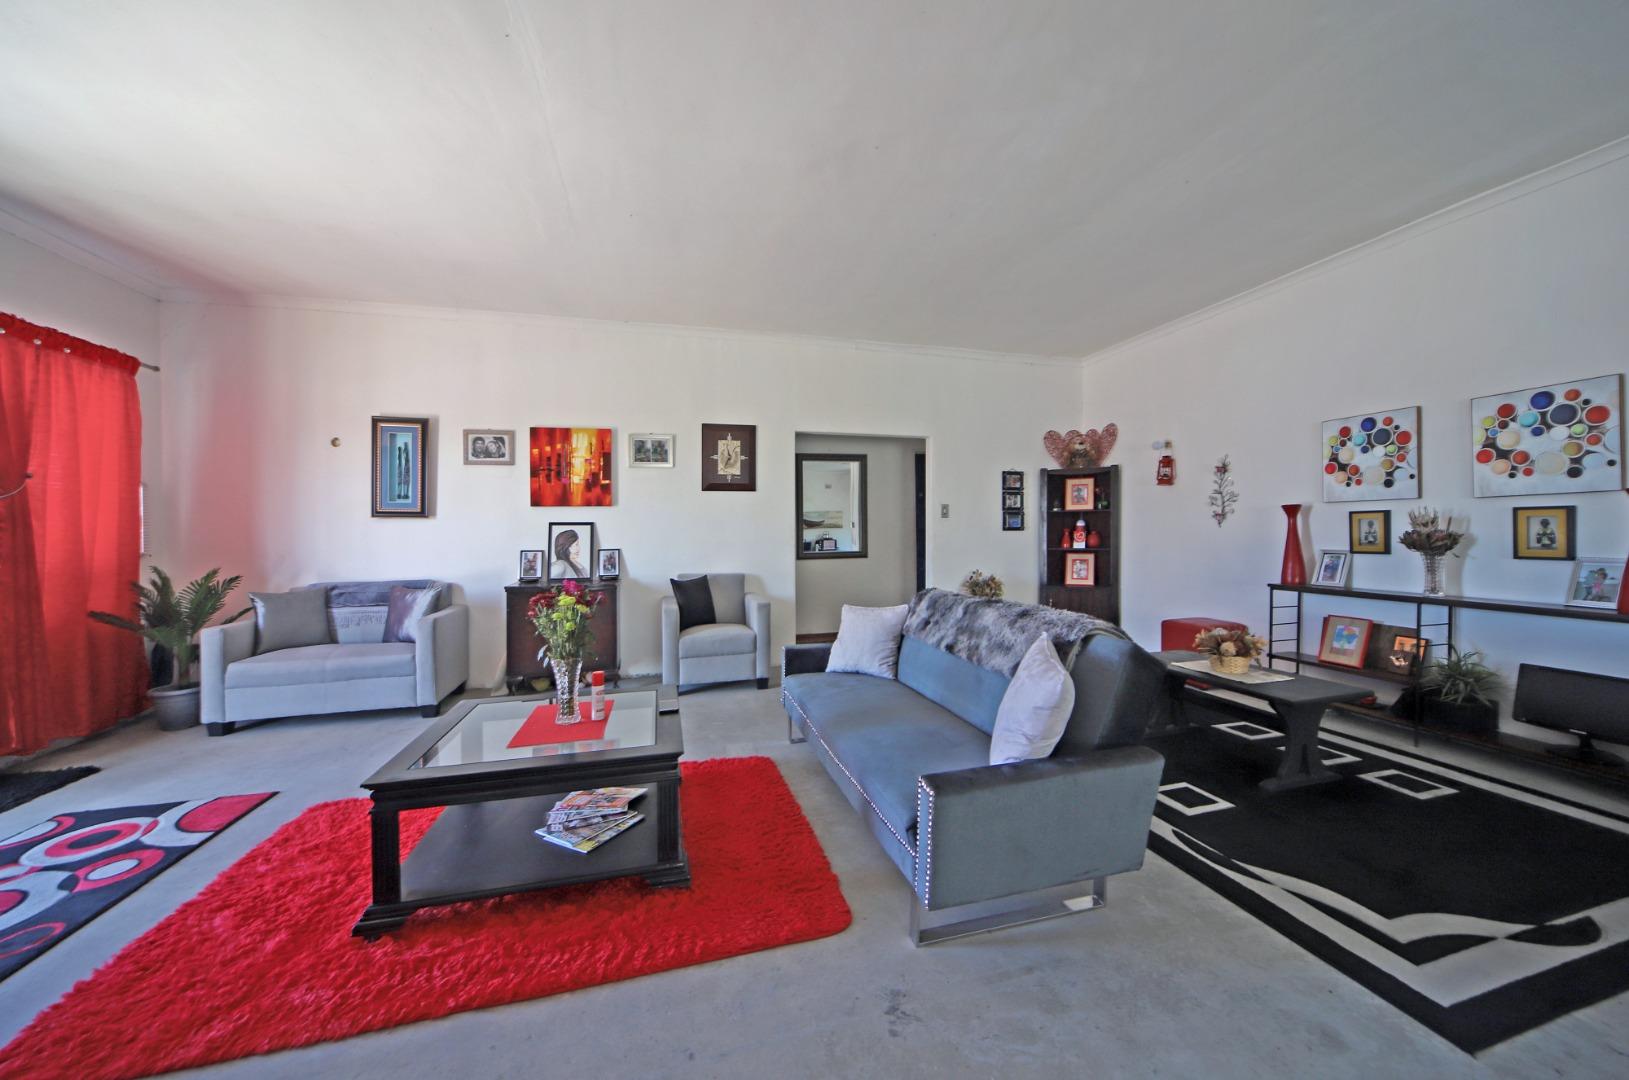 4 Bedroom House For Sale in Strandfontein Village